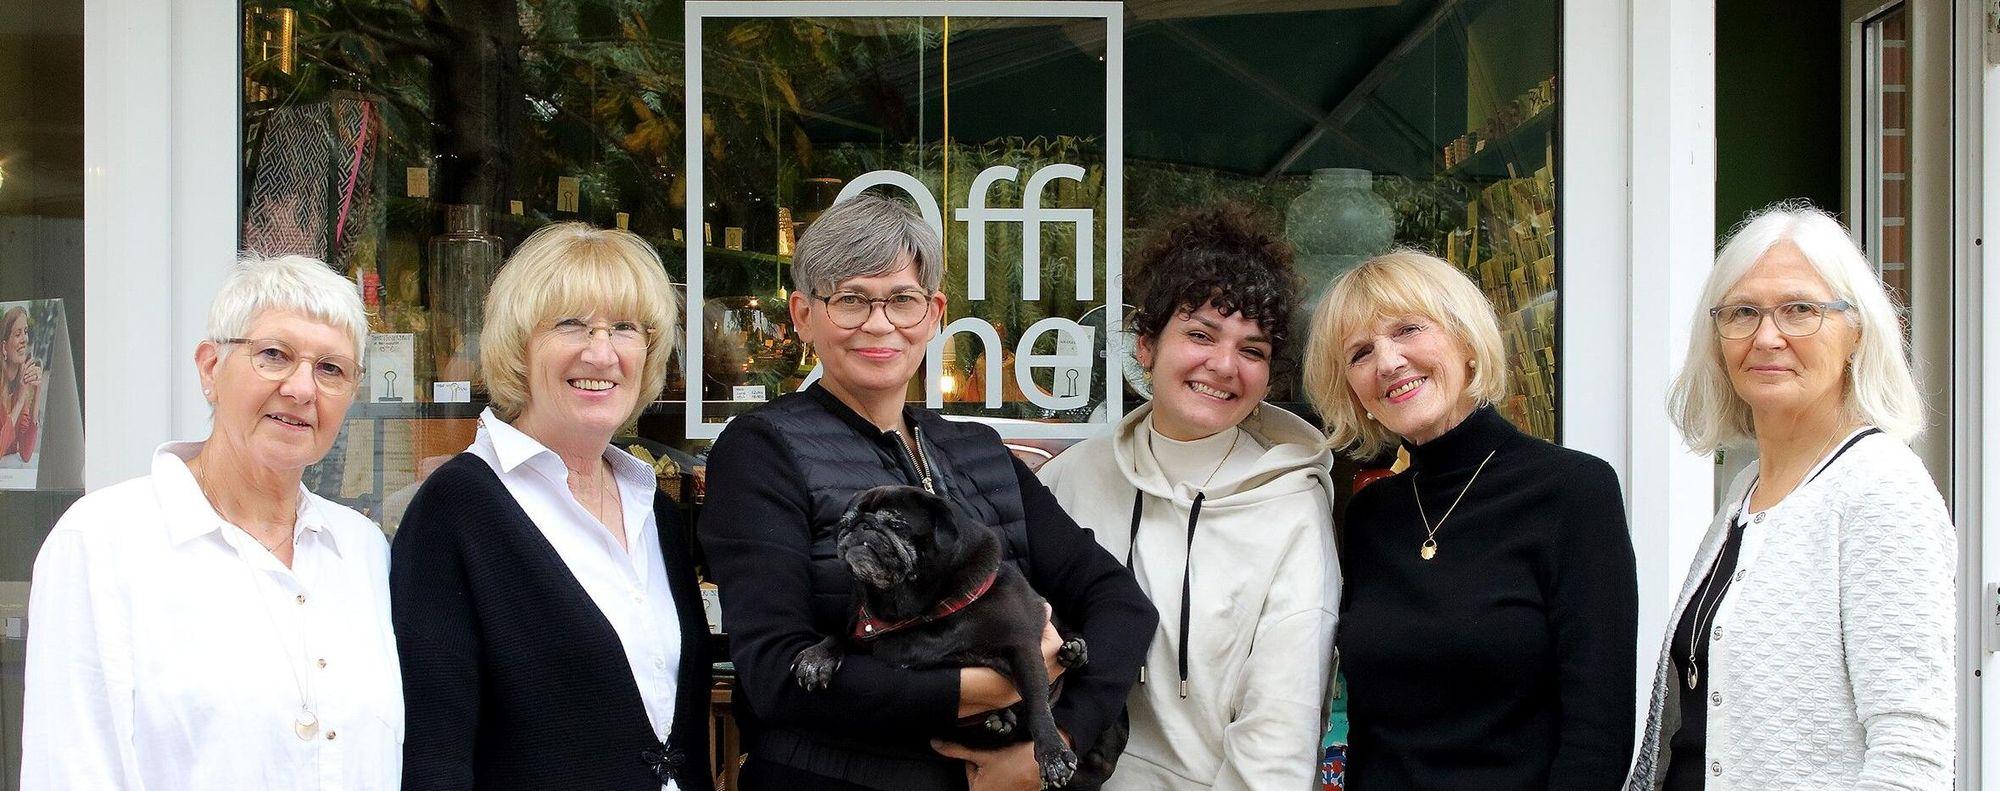 Mitarbeiterinnen mit der Inhaberin Anette Gundlach